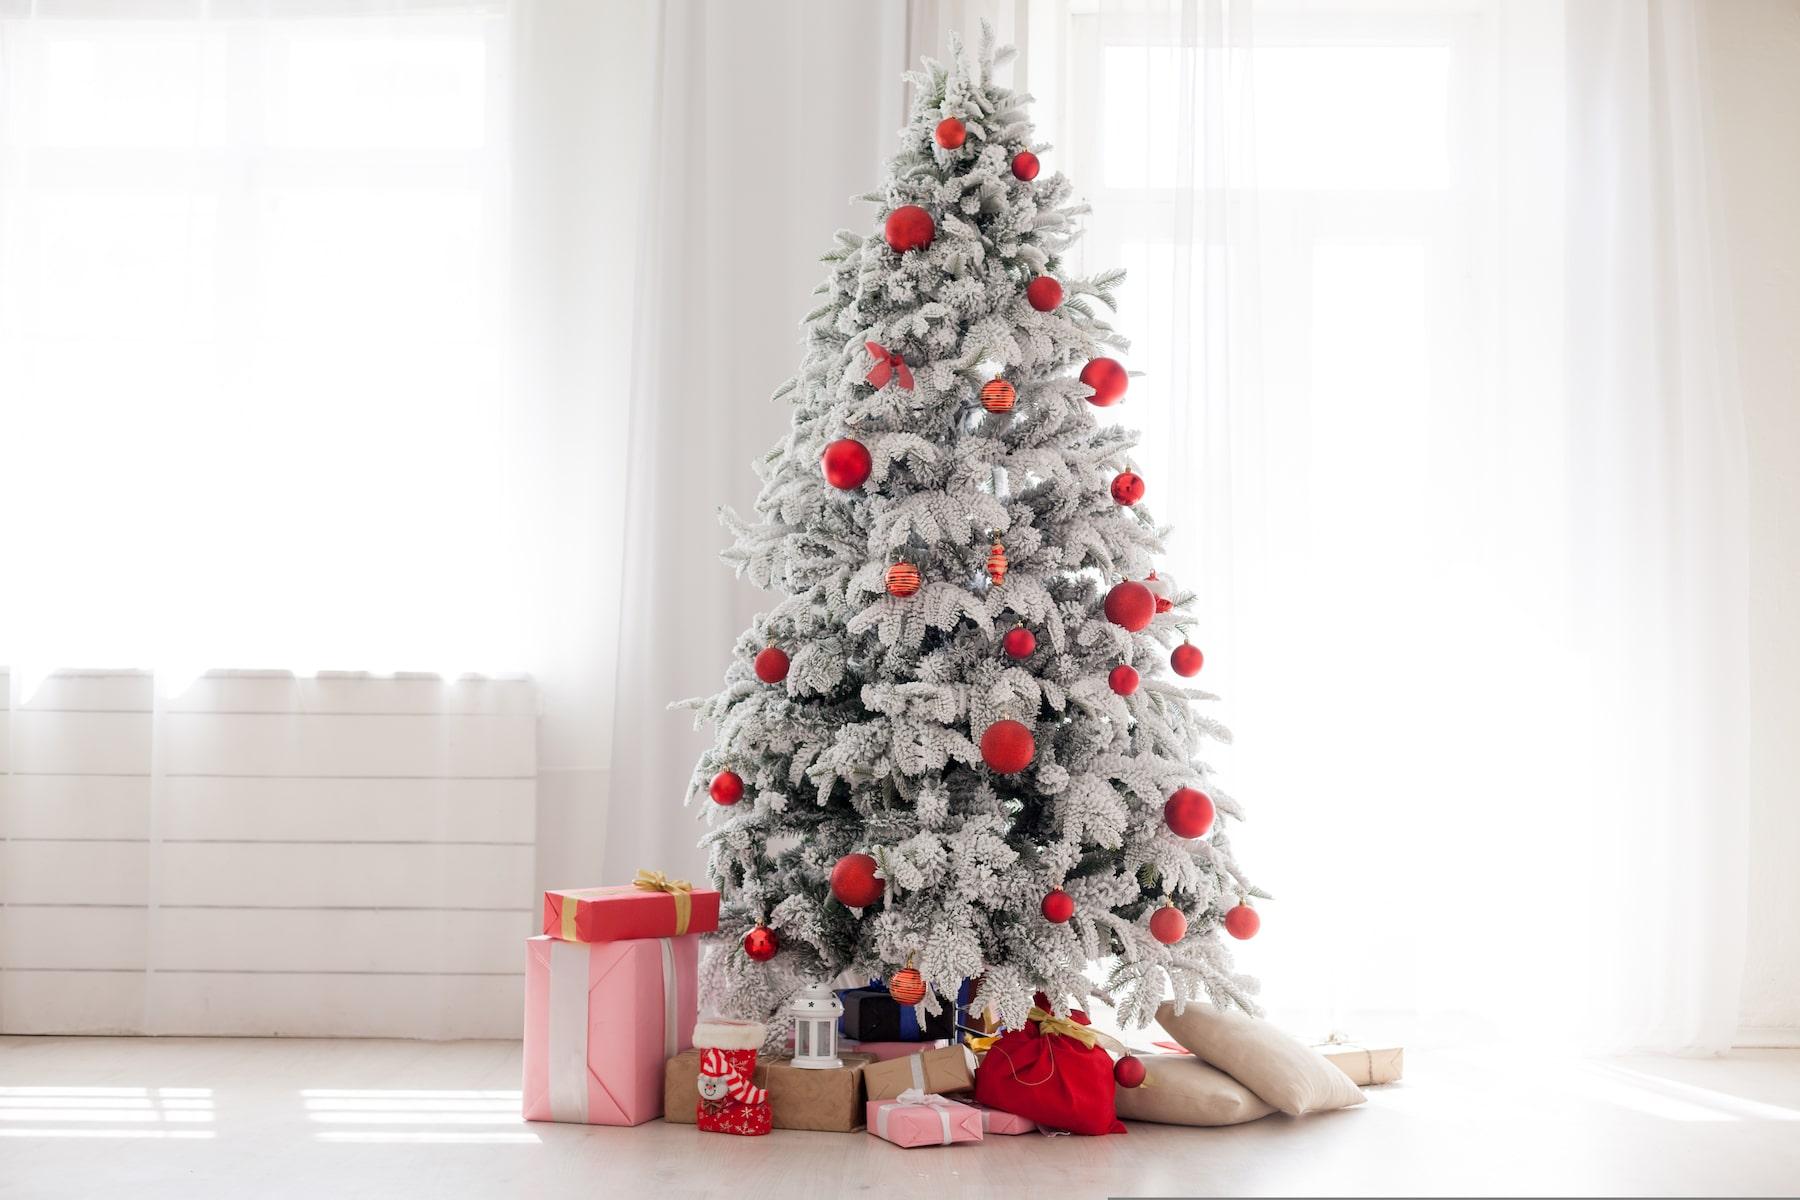 Comment décorer un sapin de Noël avec des rubans?